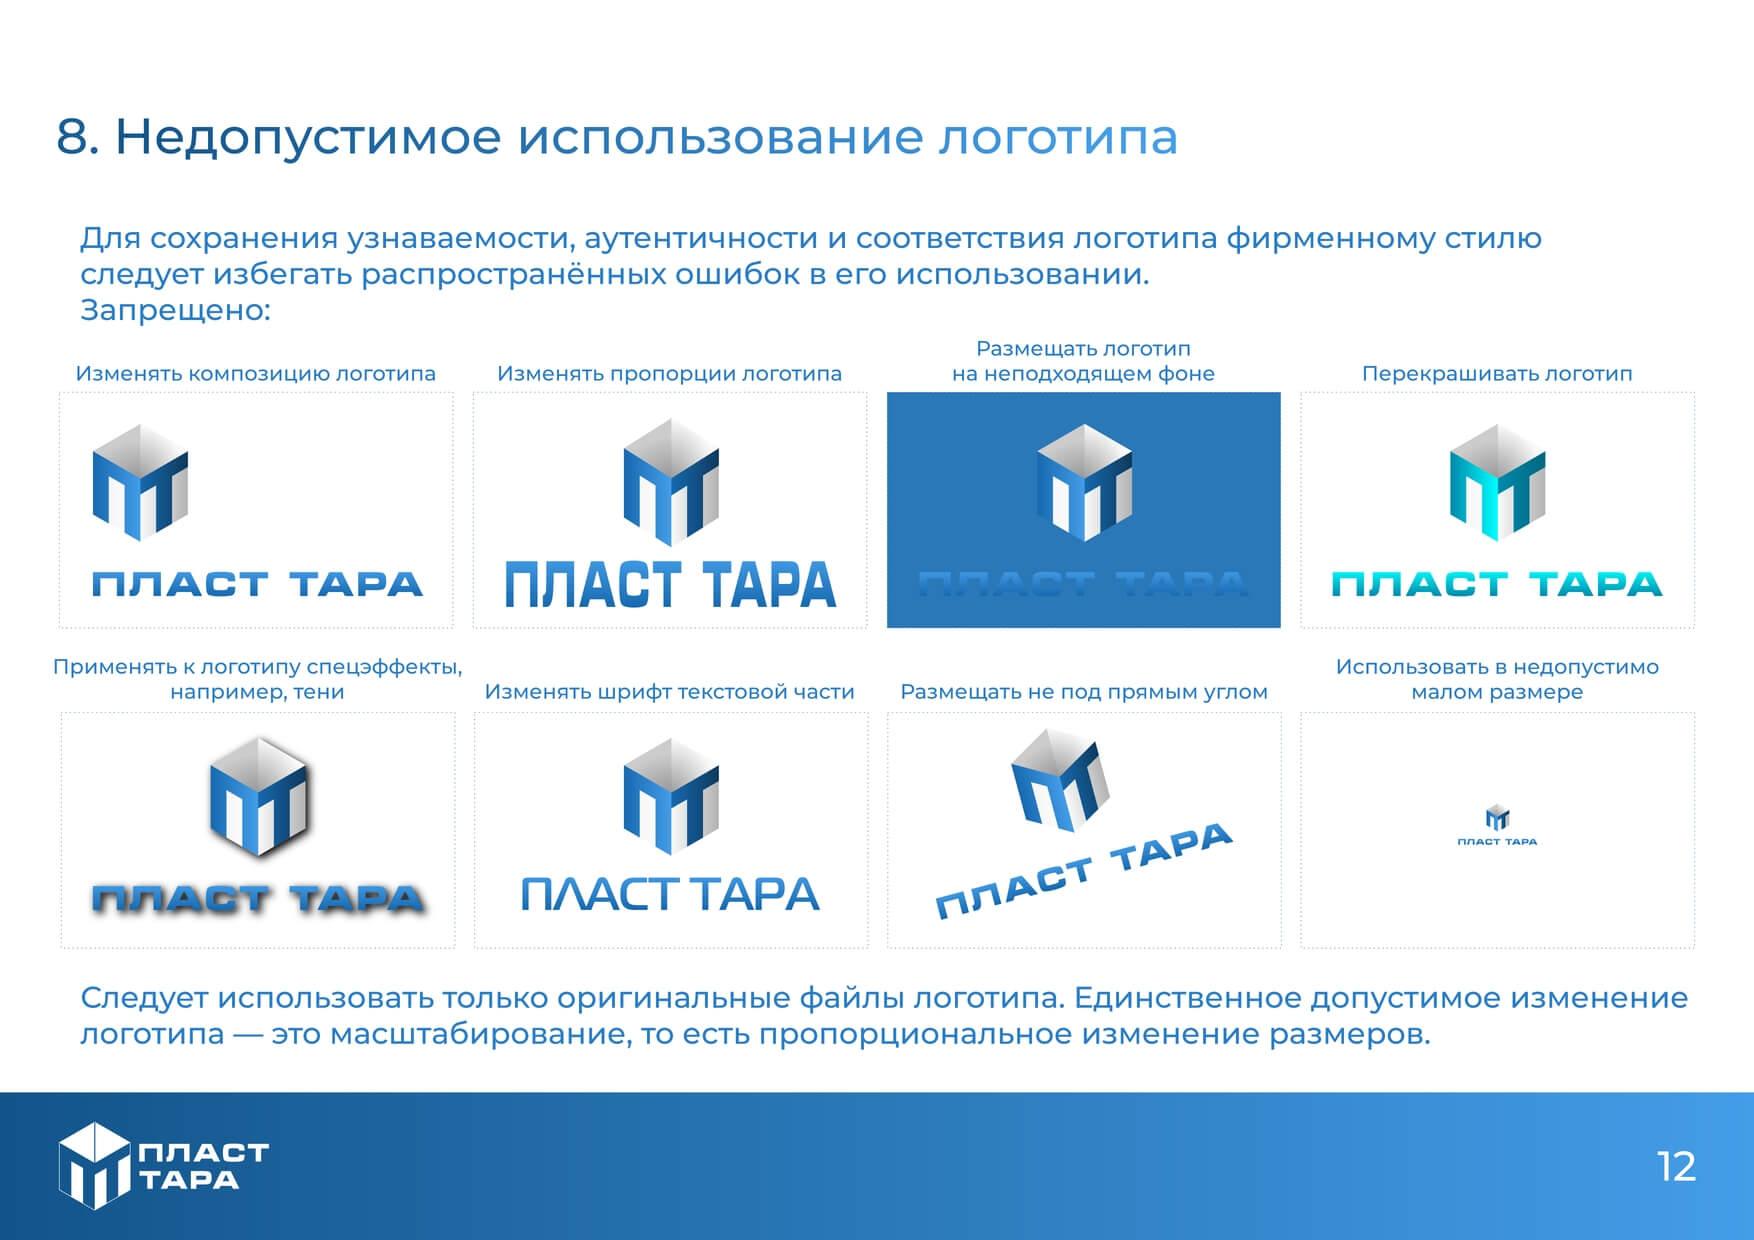 Стили логотипов – 7 разновидностей. какой выбрать себе?